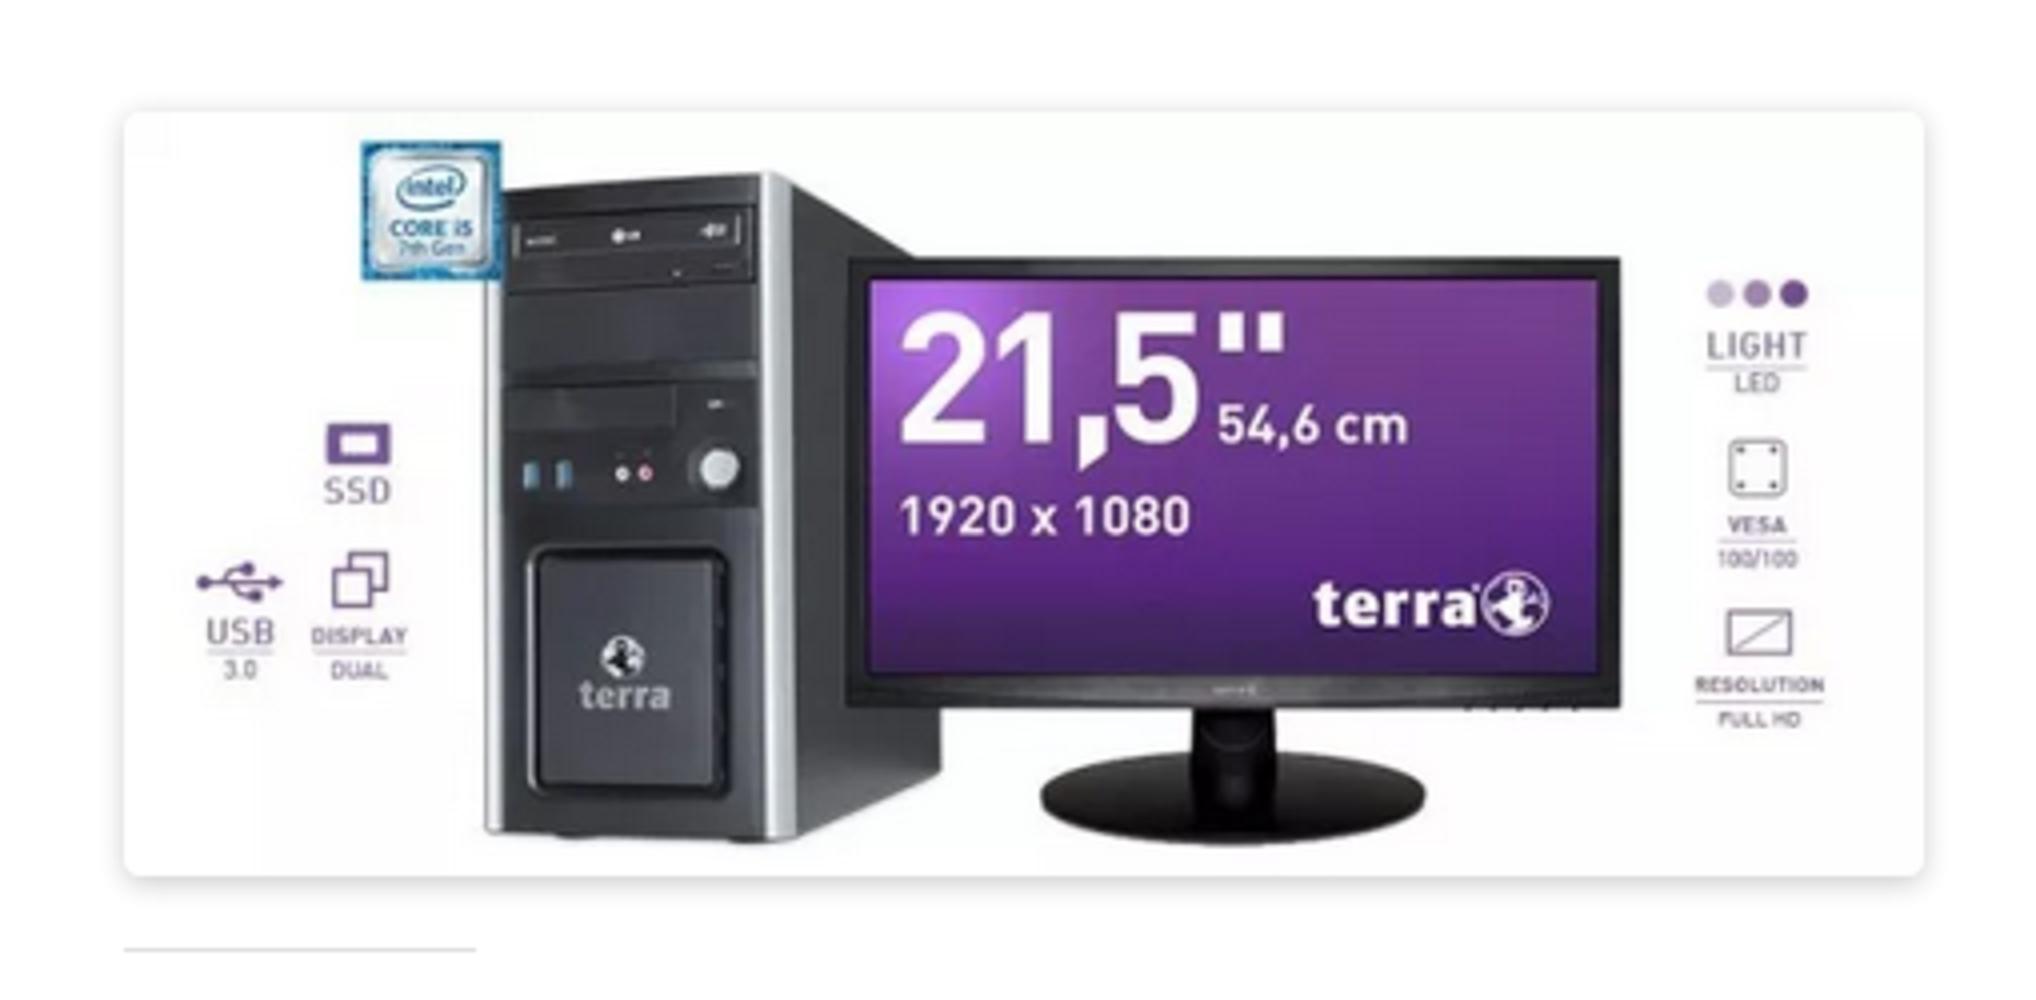 Promotion PC TERRA PC-BUSINESS Côtes d''Armor 0